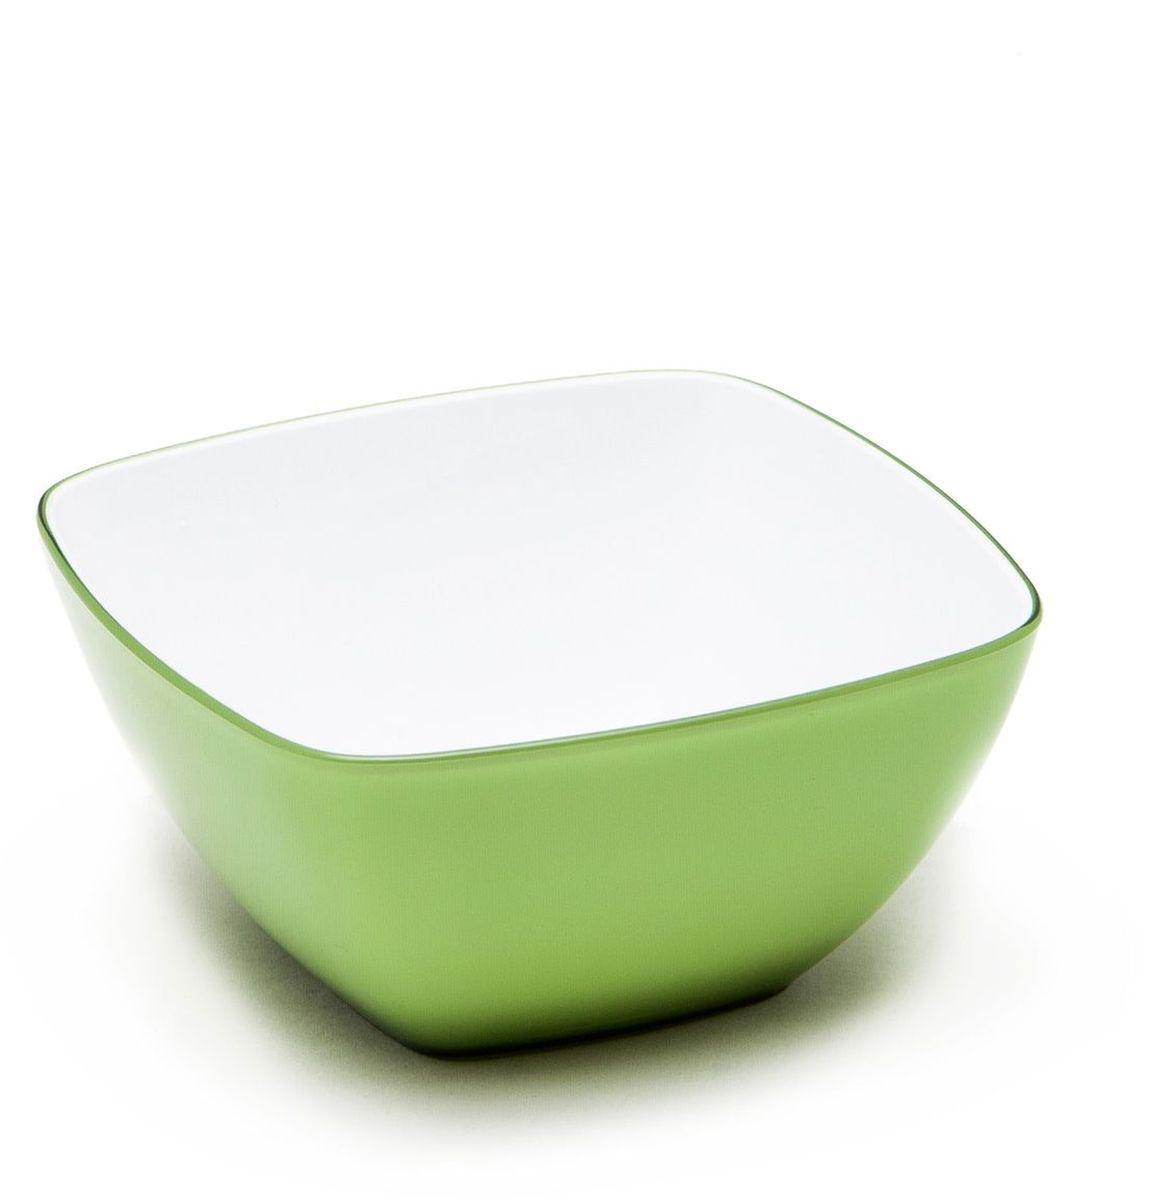 Миска квадратная MoulinVilla, цвет: зеленый, 14 х 14 х 7 смL-14GКвадратная миска Moulinvilla, изготовленная из высококачественного акрила, благодаря оригинальному и привлекательному дизайну выполняет не только практичную, но и декоративную функцию. Белый цвет внутренней поверхности и сочный, интенсивный цвет снаружи отлично контрастируют, привлекая к себе внимание.Миска подойдет для сервировки салатов, фруктов, закусок, десертов, печенья, сладостей и других продуктов.Подходит для мытья в посудомоечной машине.